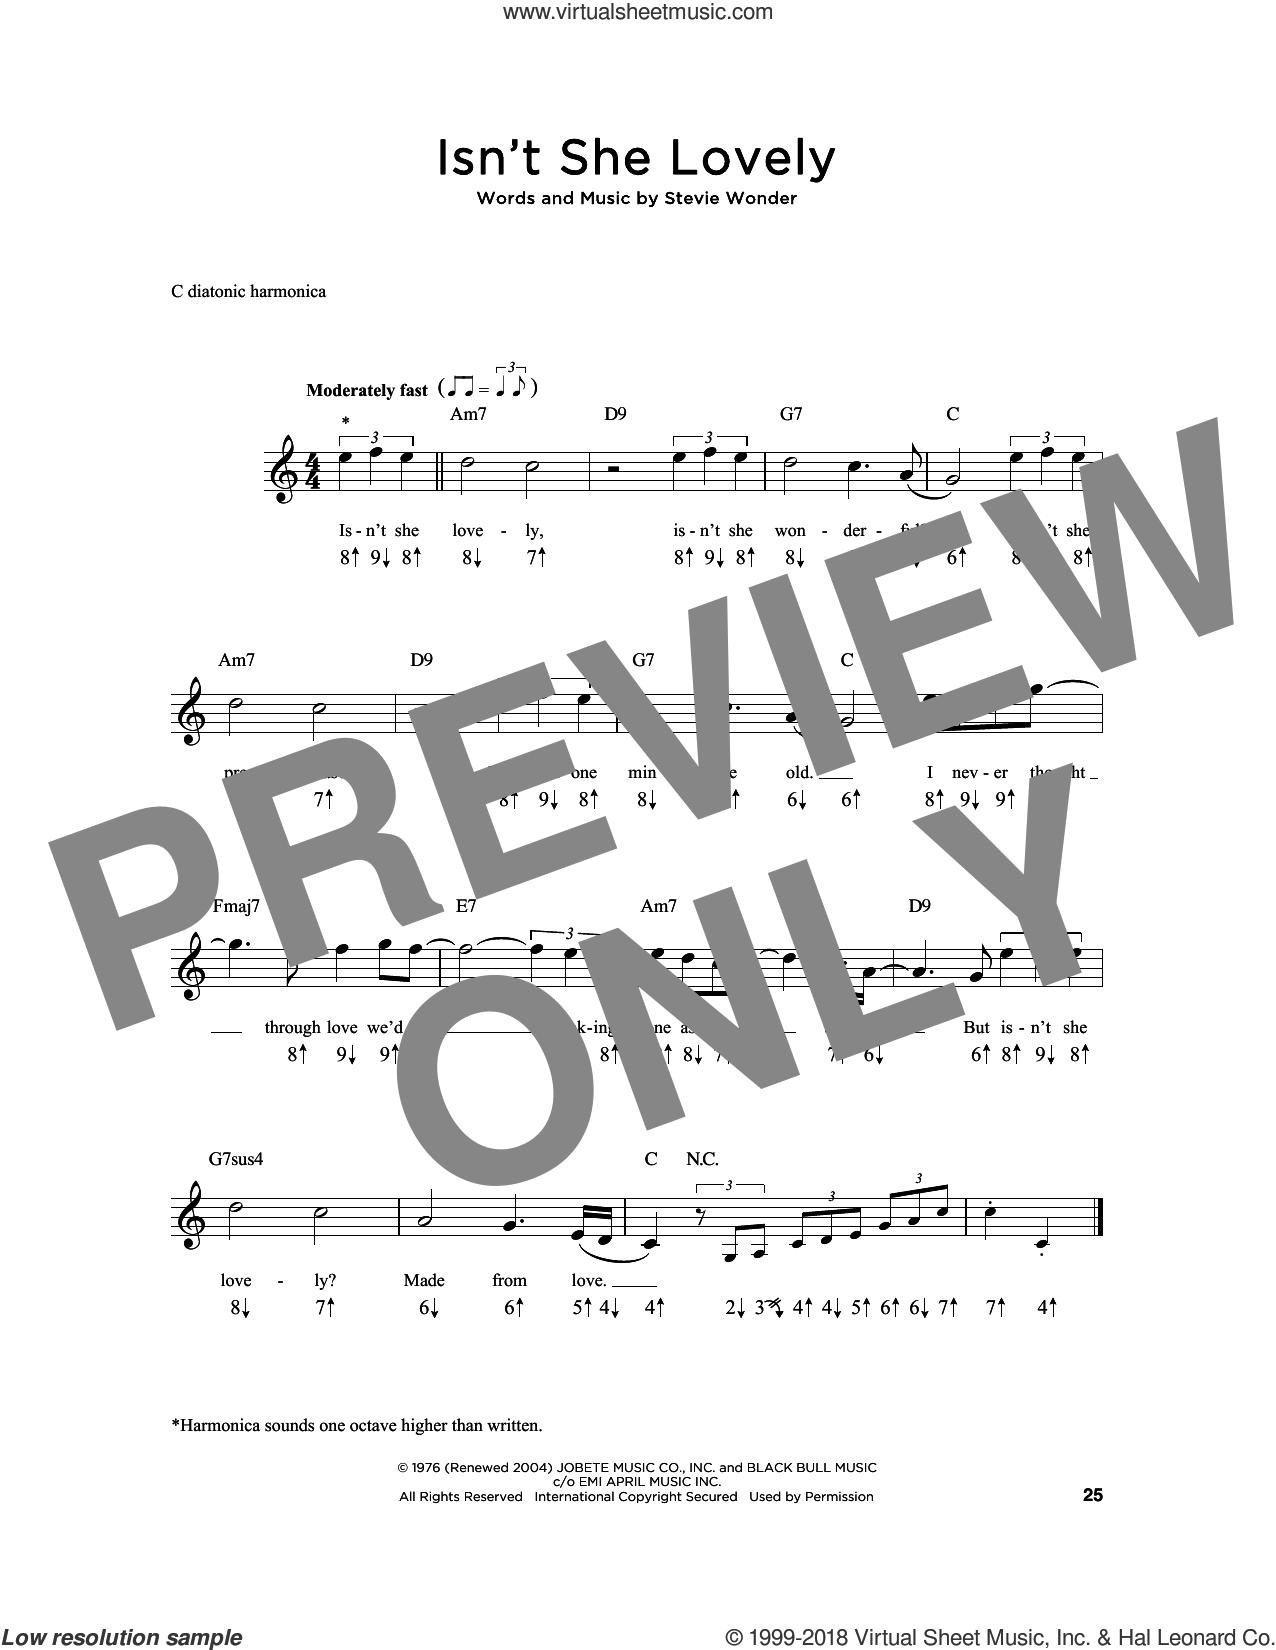 Isn't She Lovely sheet music for harmonica solo by Stevie Wonder, intermediate skill level